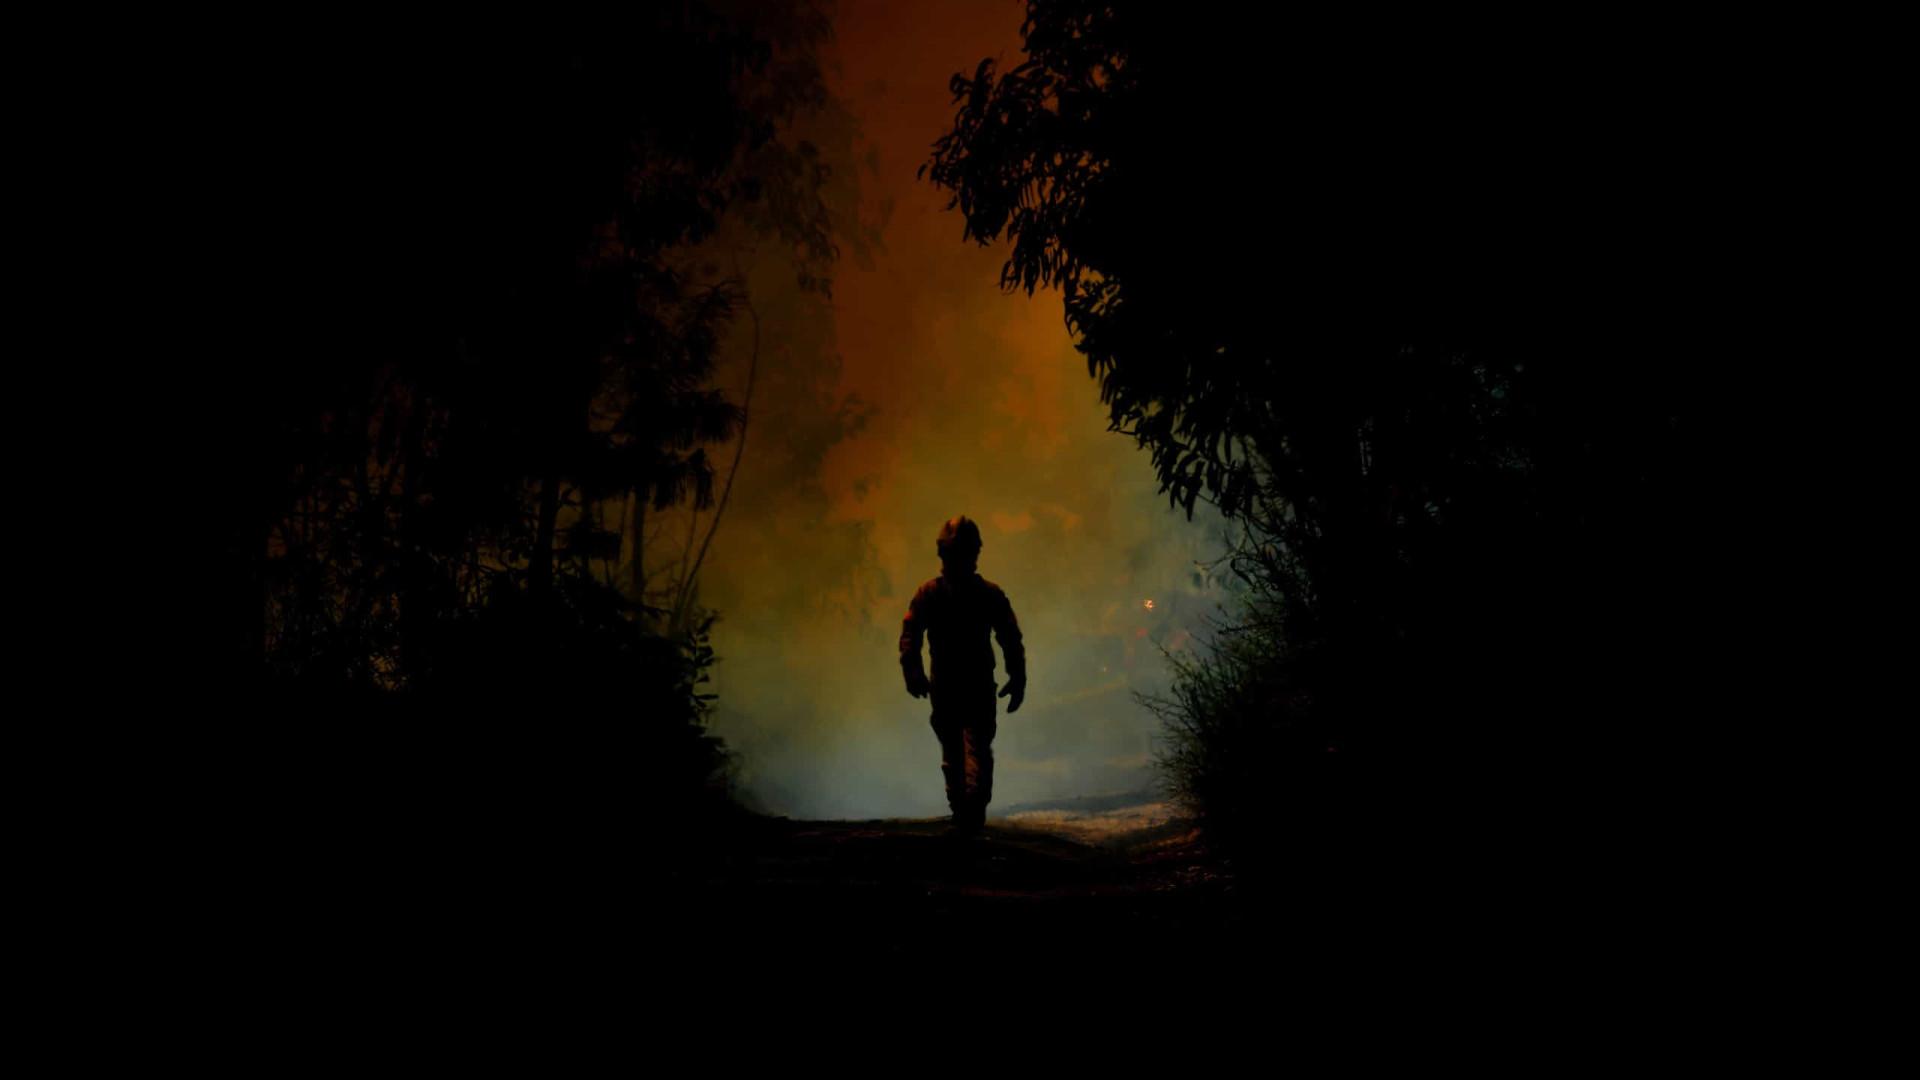 Dominado incêndio no Parque Nacional da Peneda-Gerês